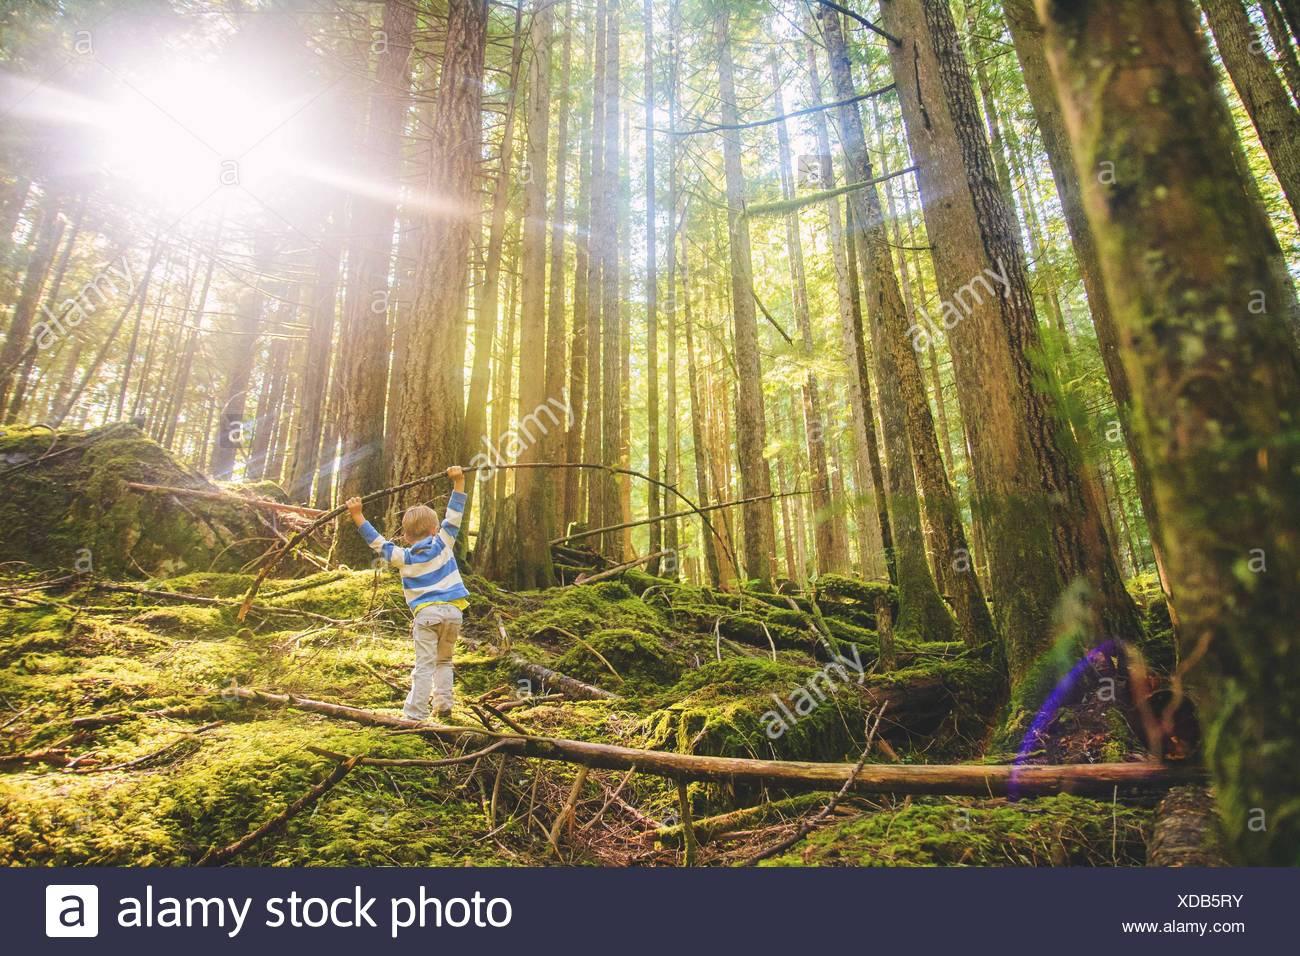 Kleiner Junge (4-5) balancieren auf Log in Wald Stockbild